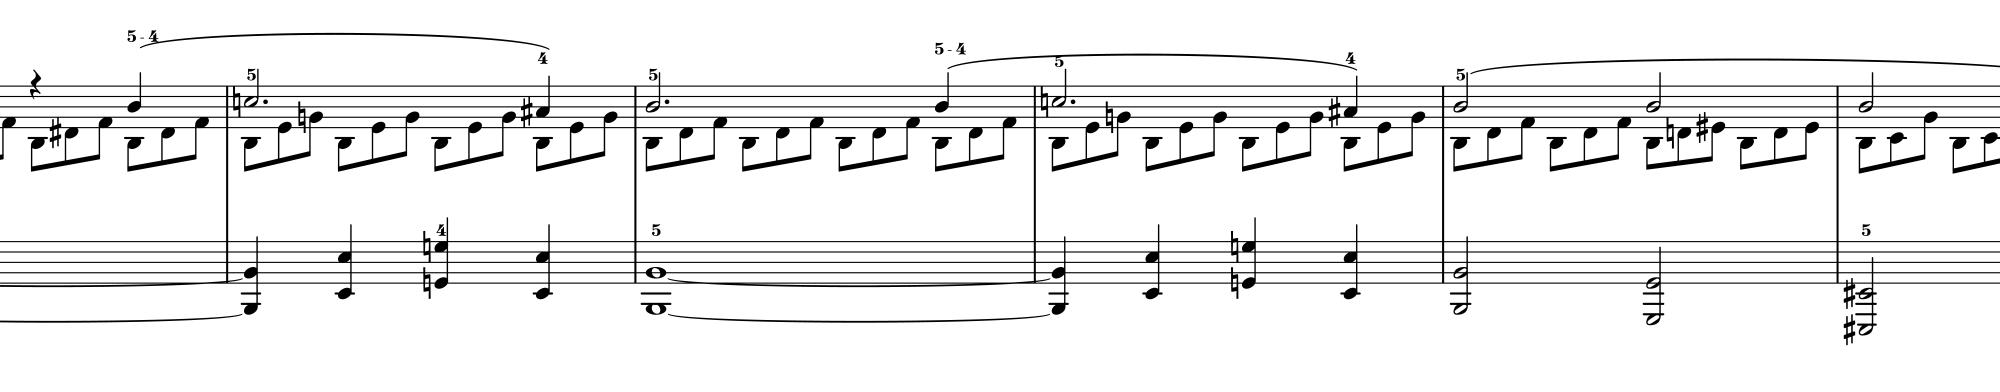 Part_3_150